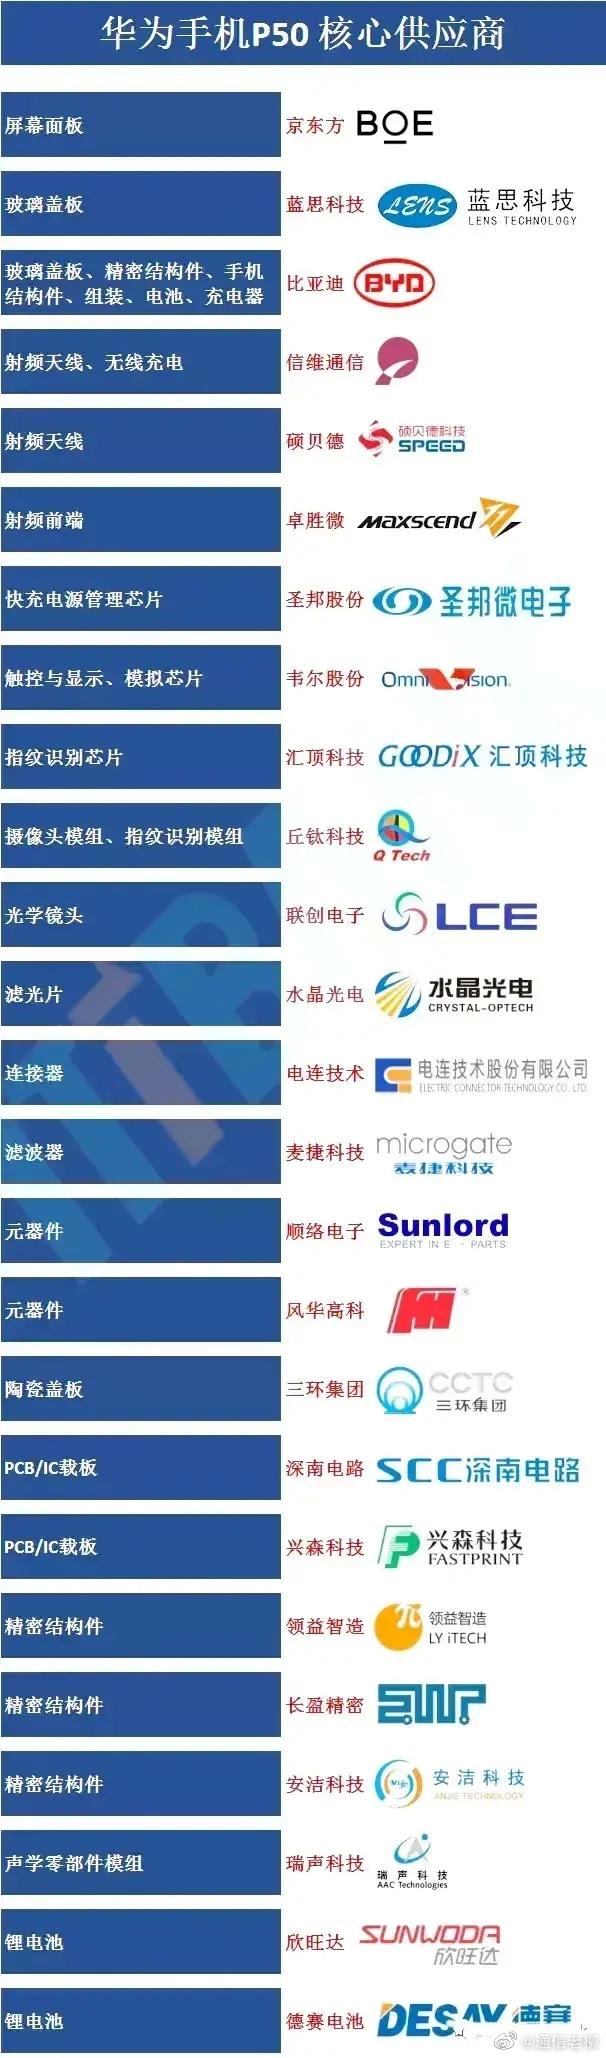 華為P50手機核心艙供應商曝光:國產廠商已經是絕對主力